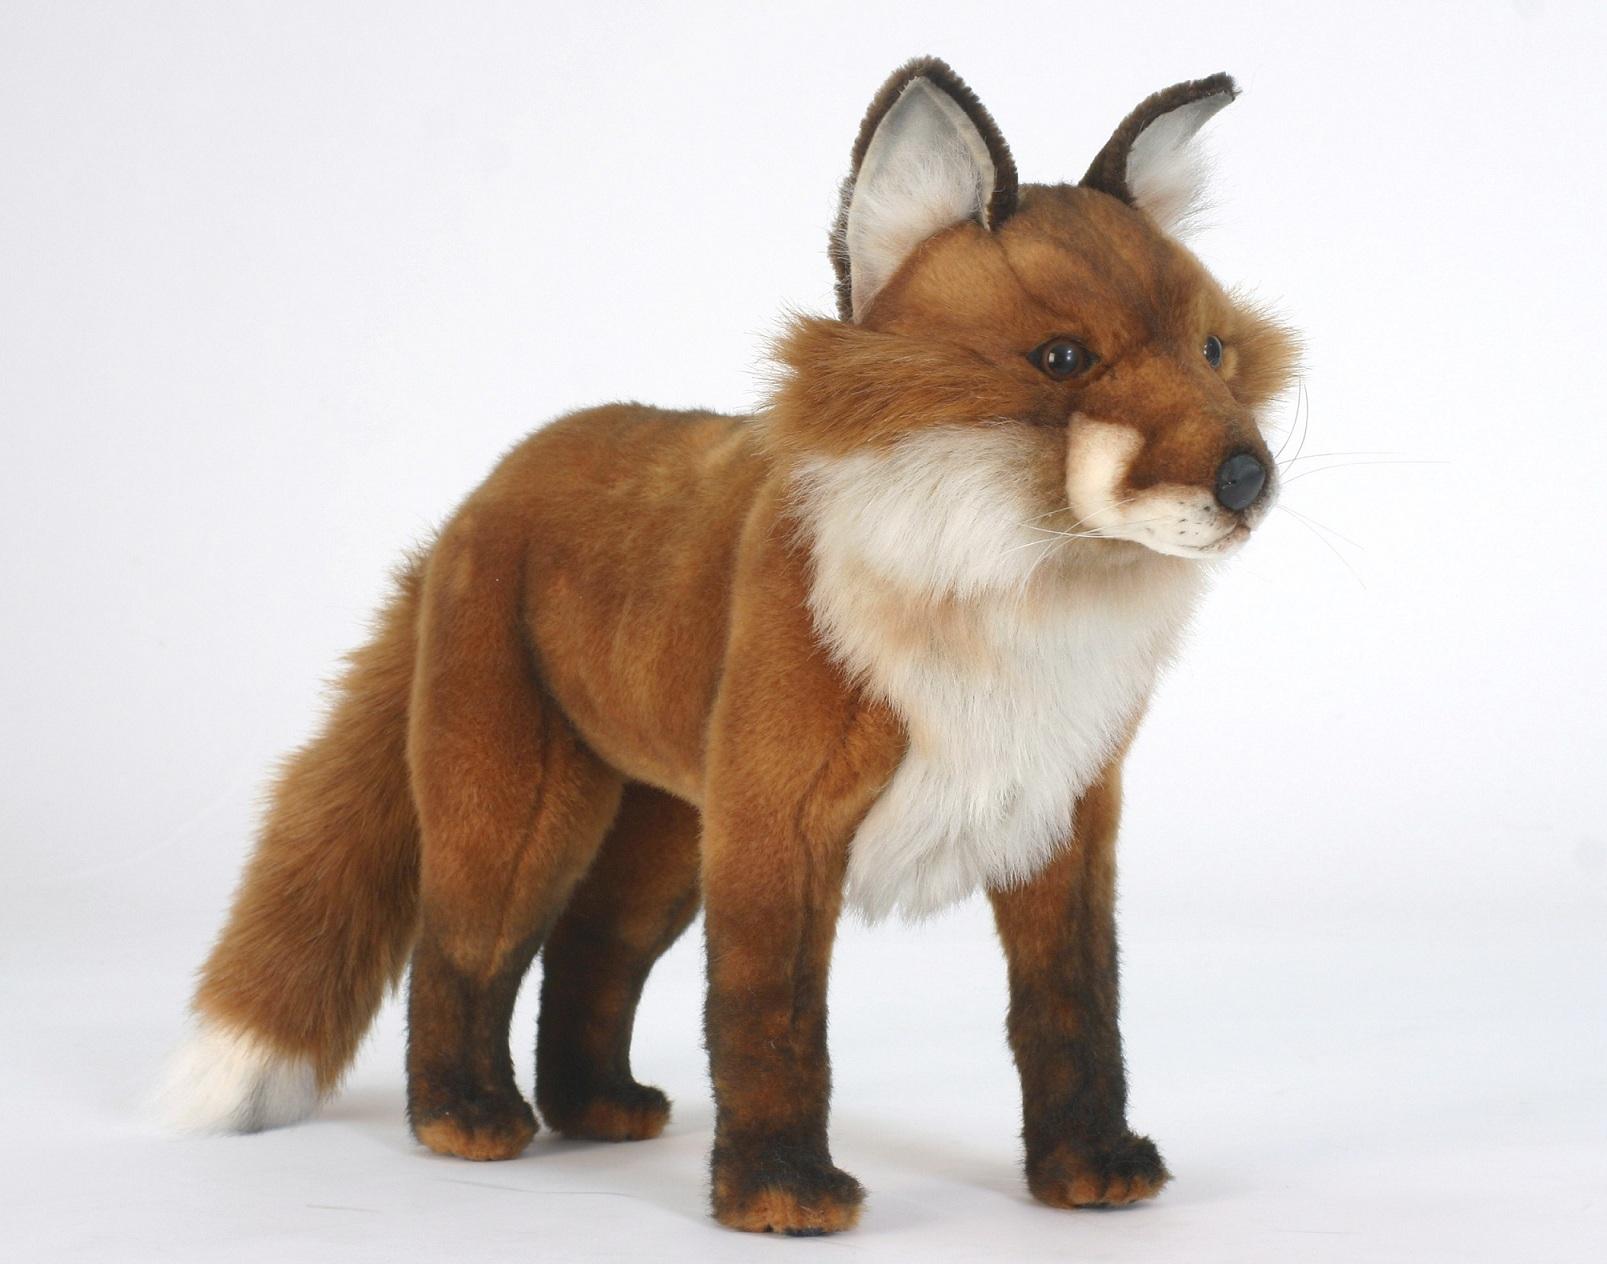 Рыжая лиса, стоячая, 56 смБольшие игрушки (от 50 см)<br>Рыжая лиса, стоячая, 56 см<br>